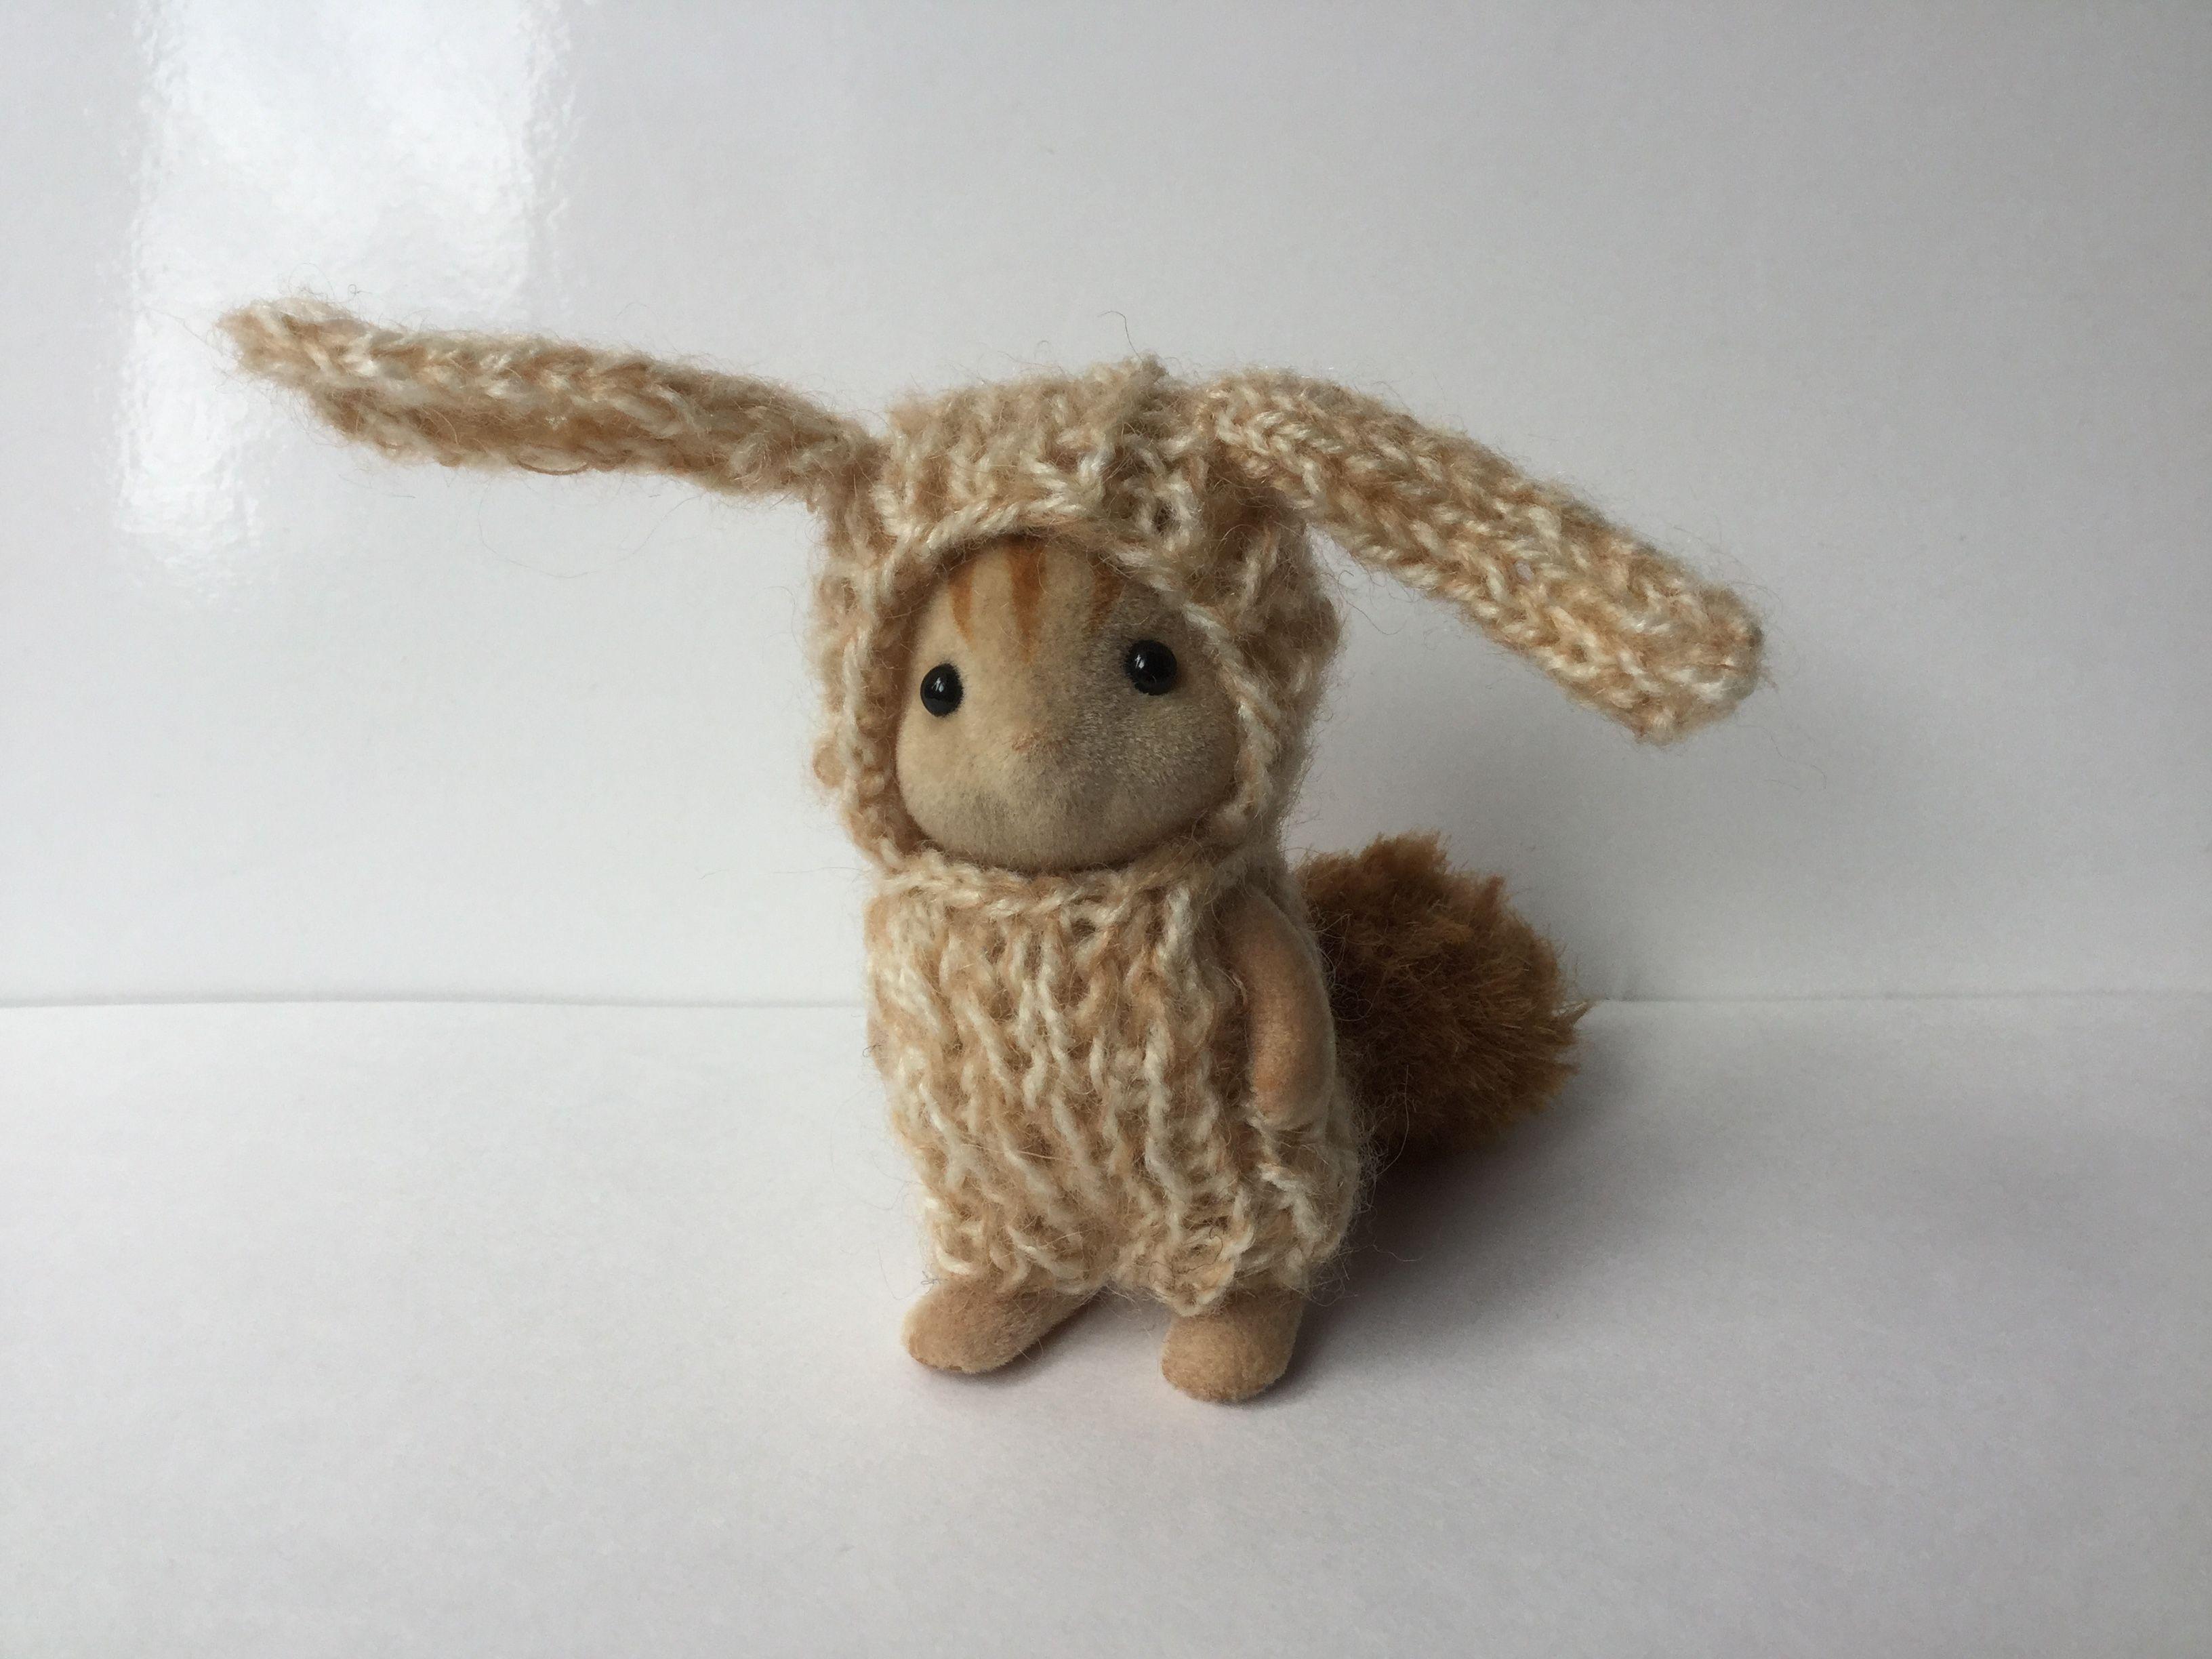 シルバニアファミリー 着ぐるみ ウサギ 着ぐるみ ウサギ リス